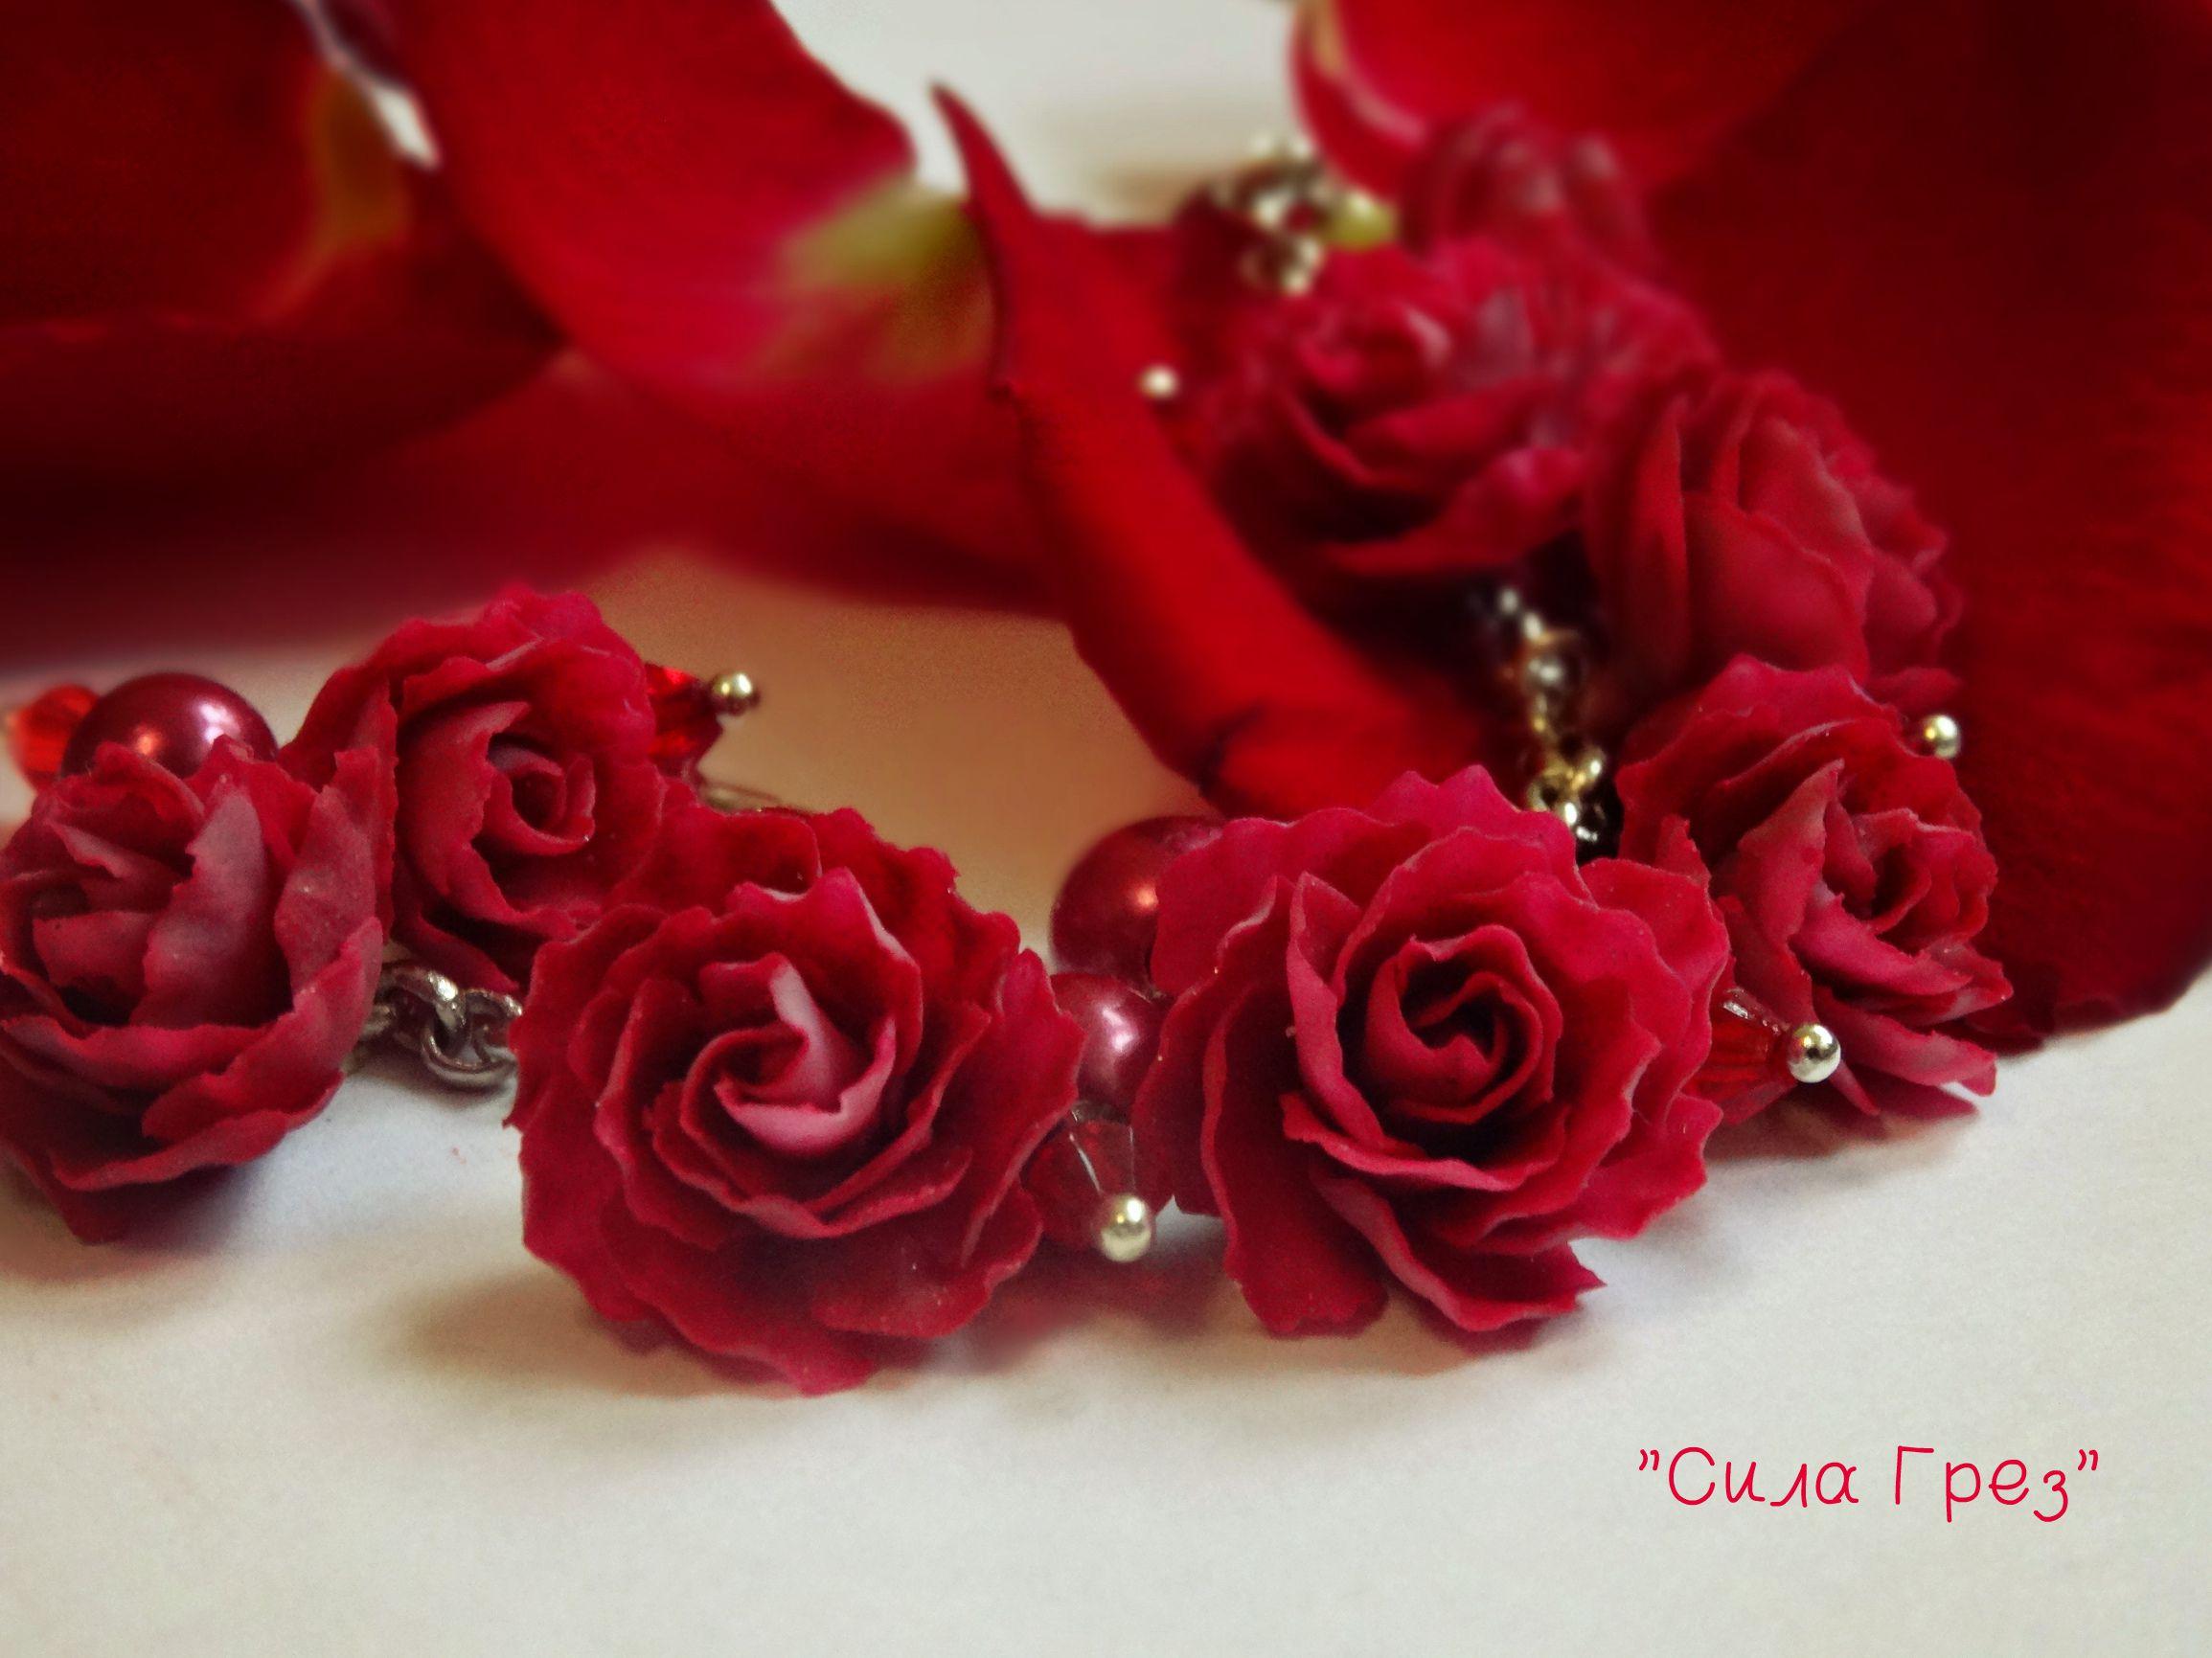 глина подарок браслет поимерная украшение красный аксессуар розы бордовый